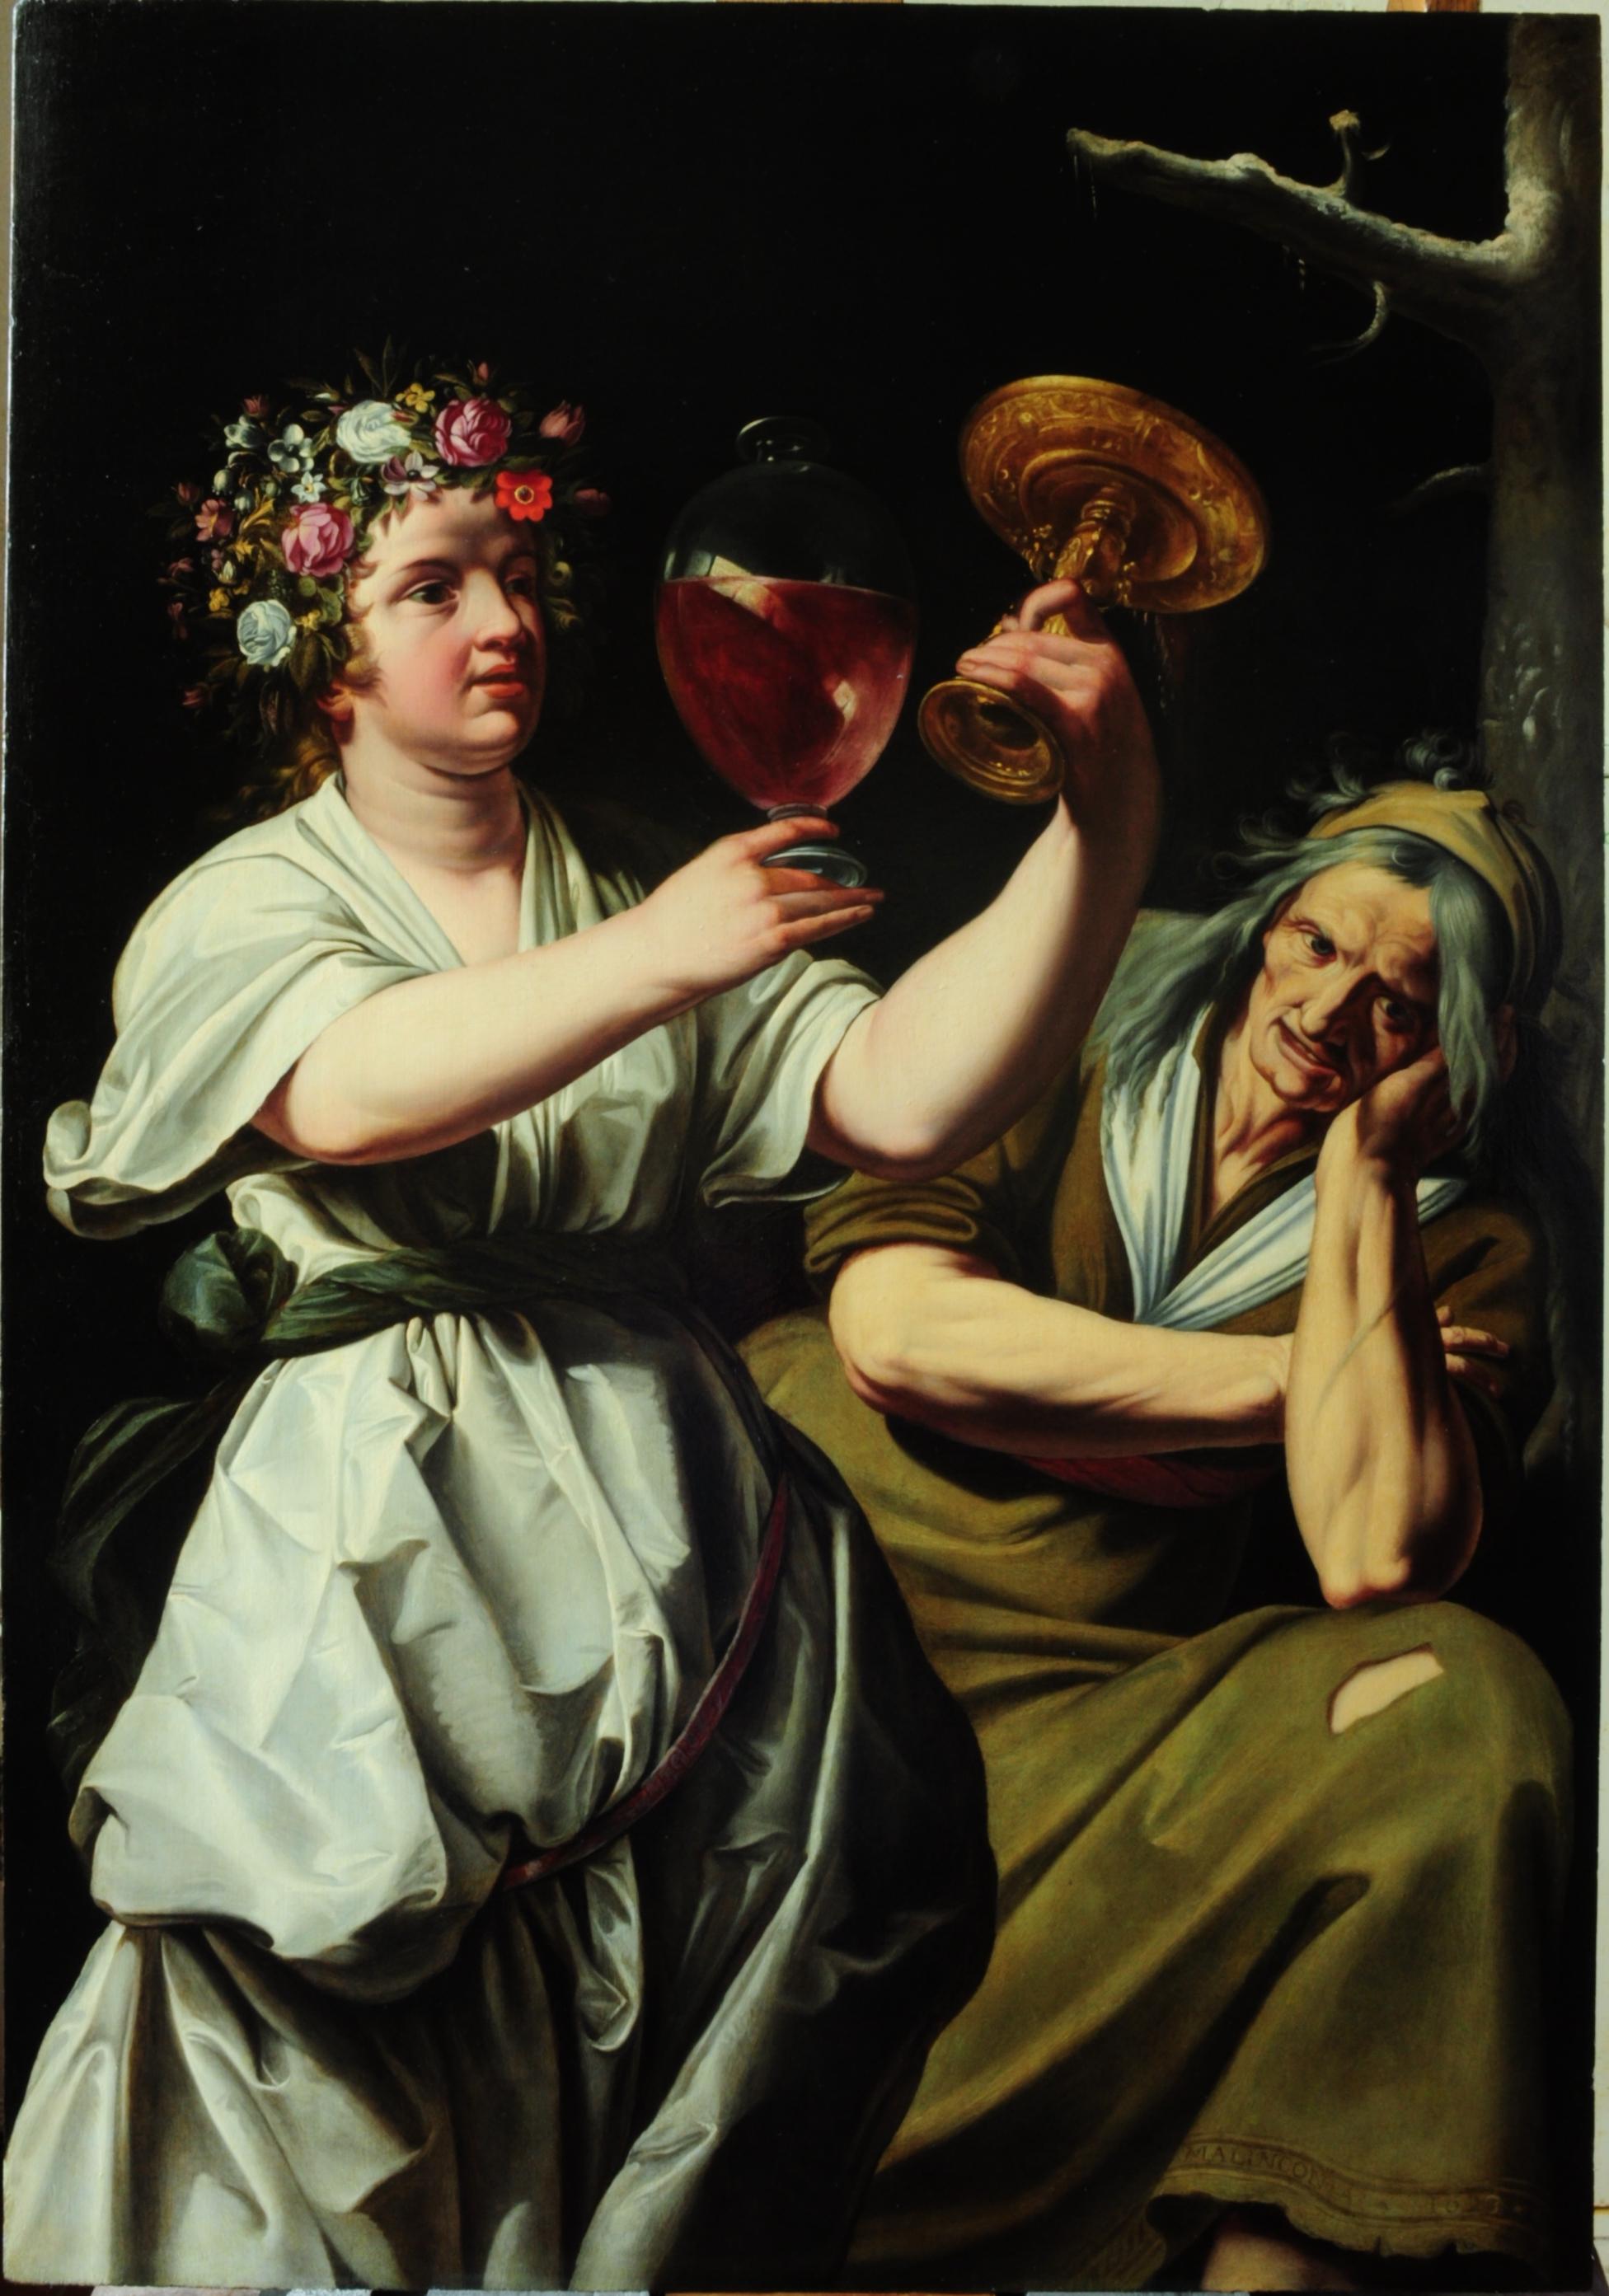 La Joie et Mélancolie, Janssens- musée Magnin. Restauration image 1